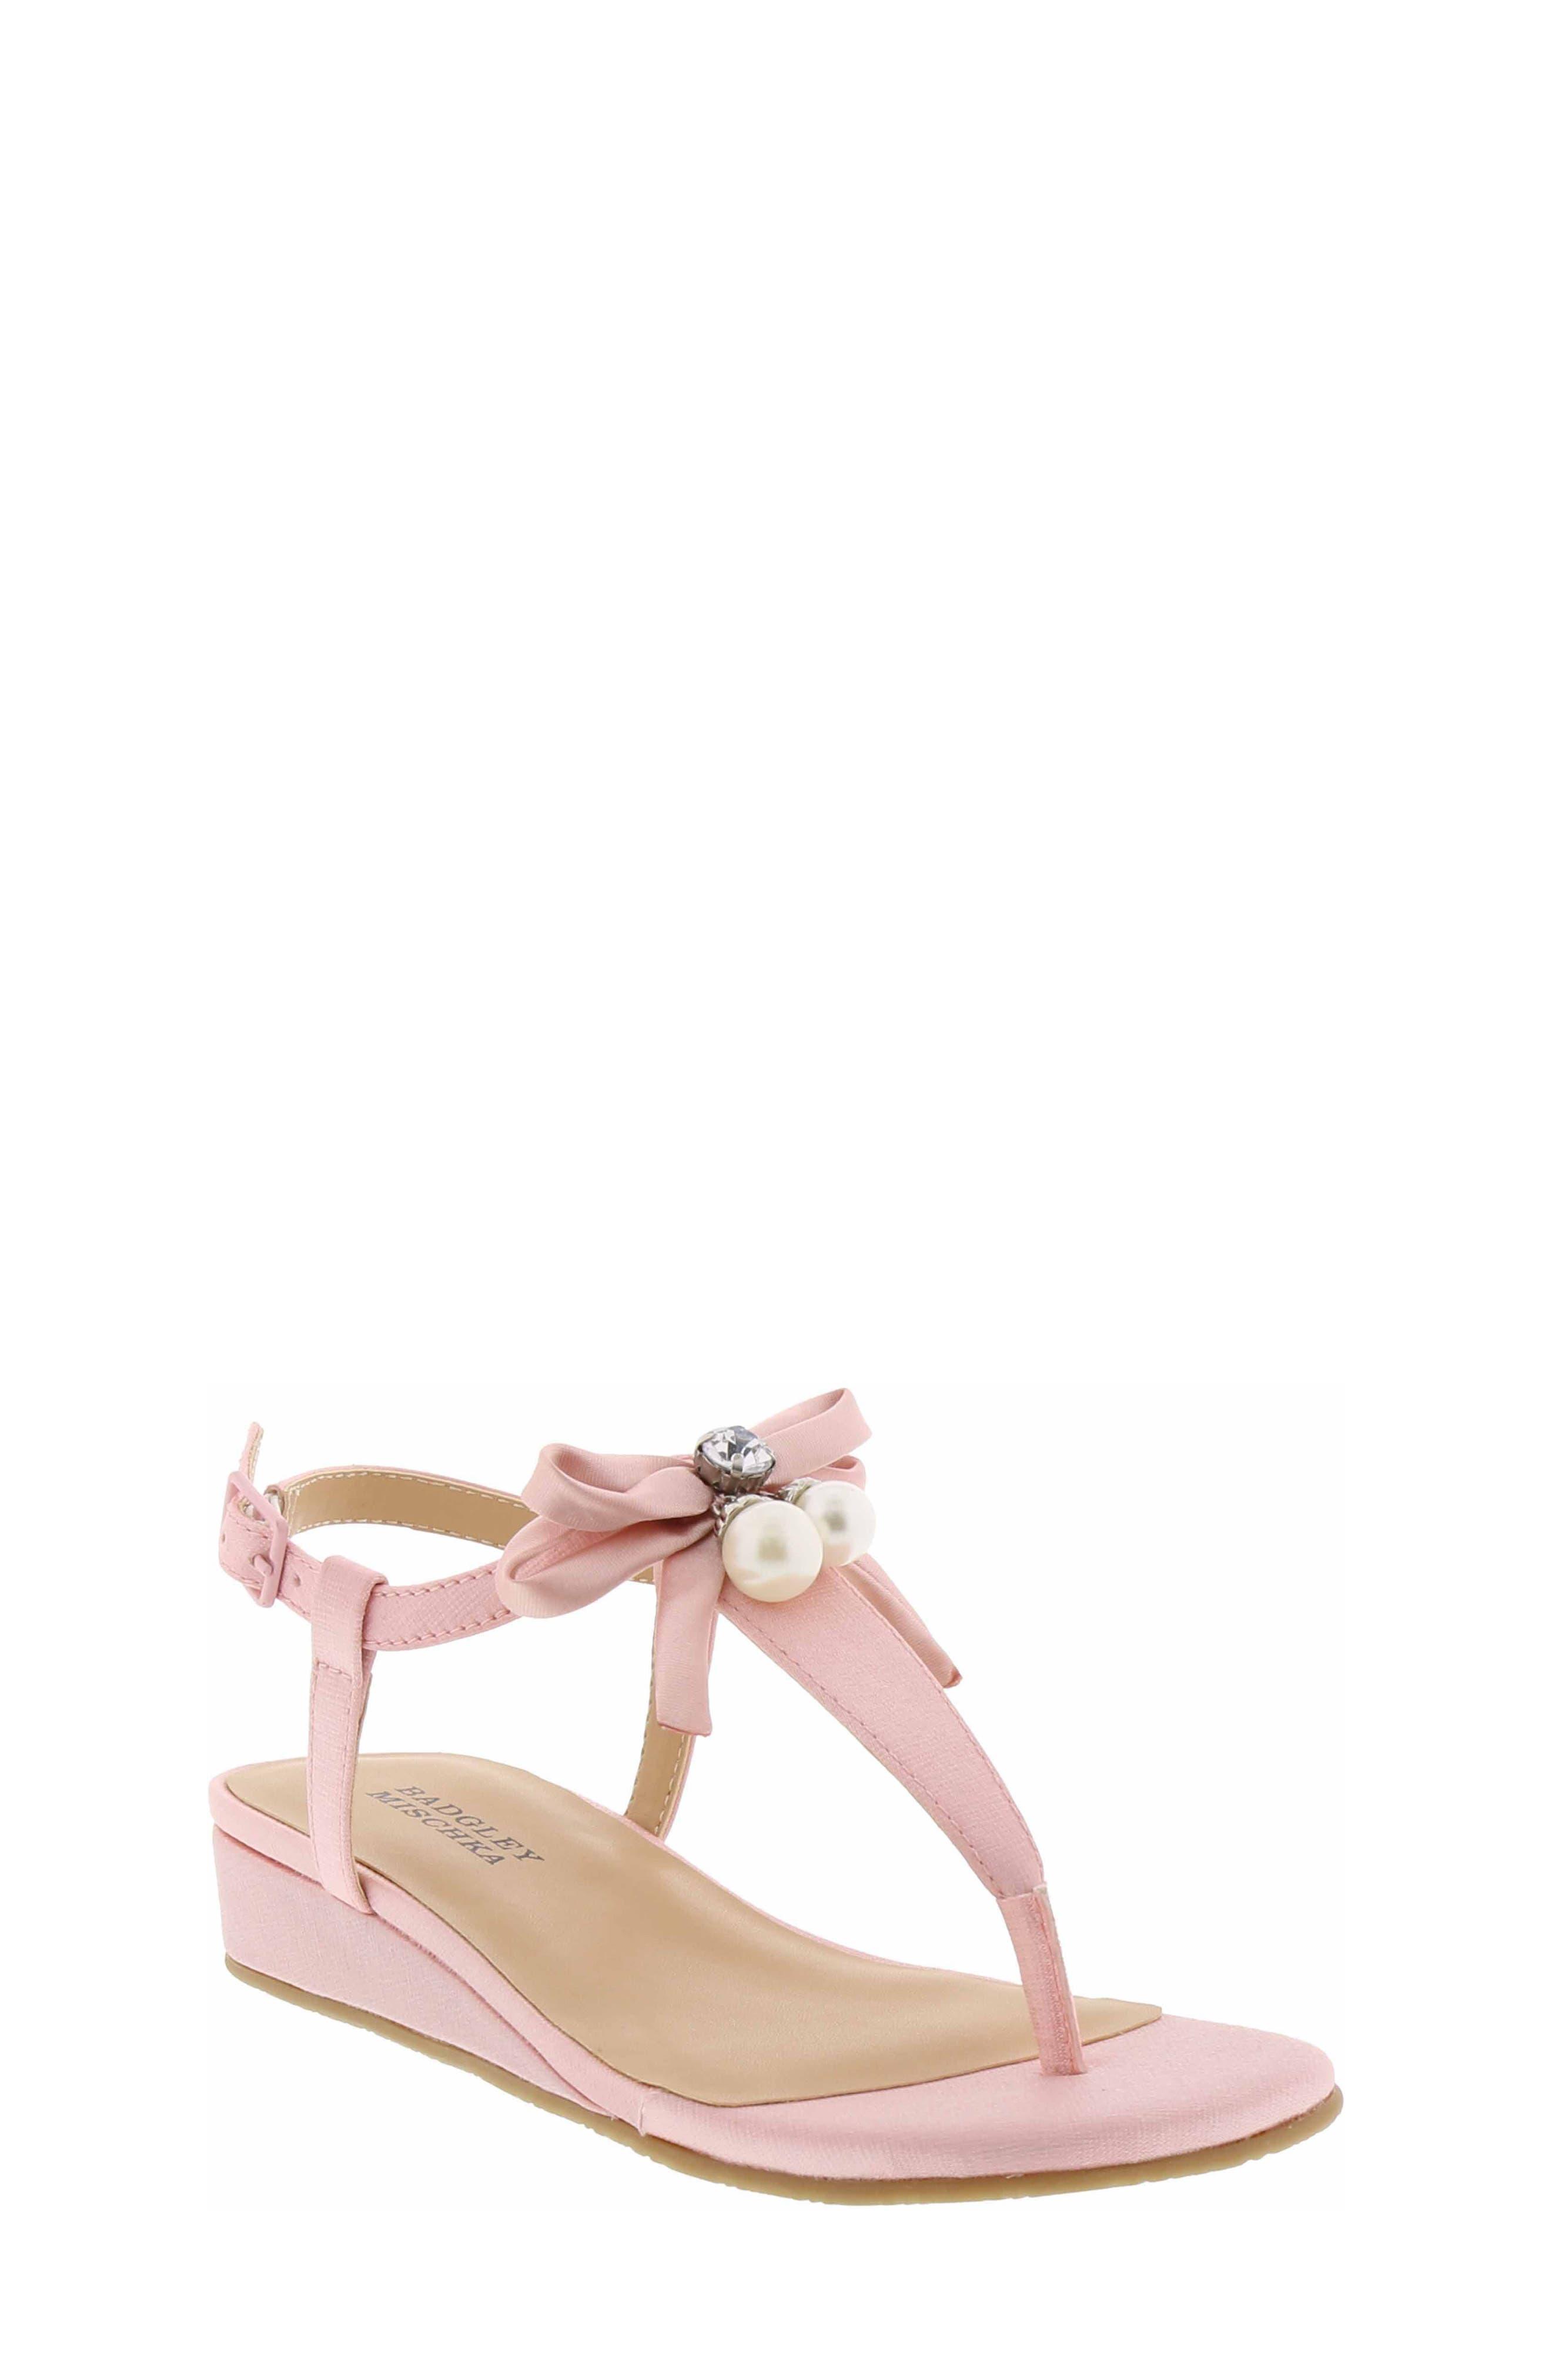 Talia Embellished Bow Sandal,                         Main,                         color, Light Pink